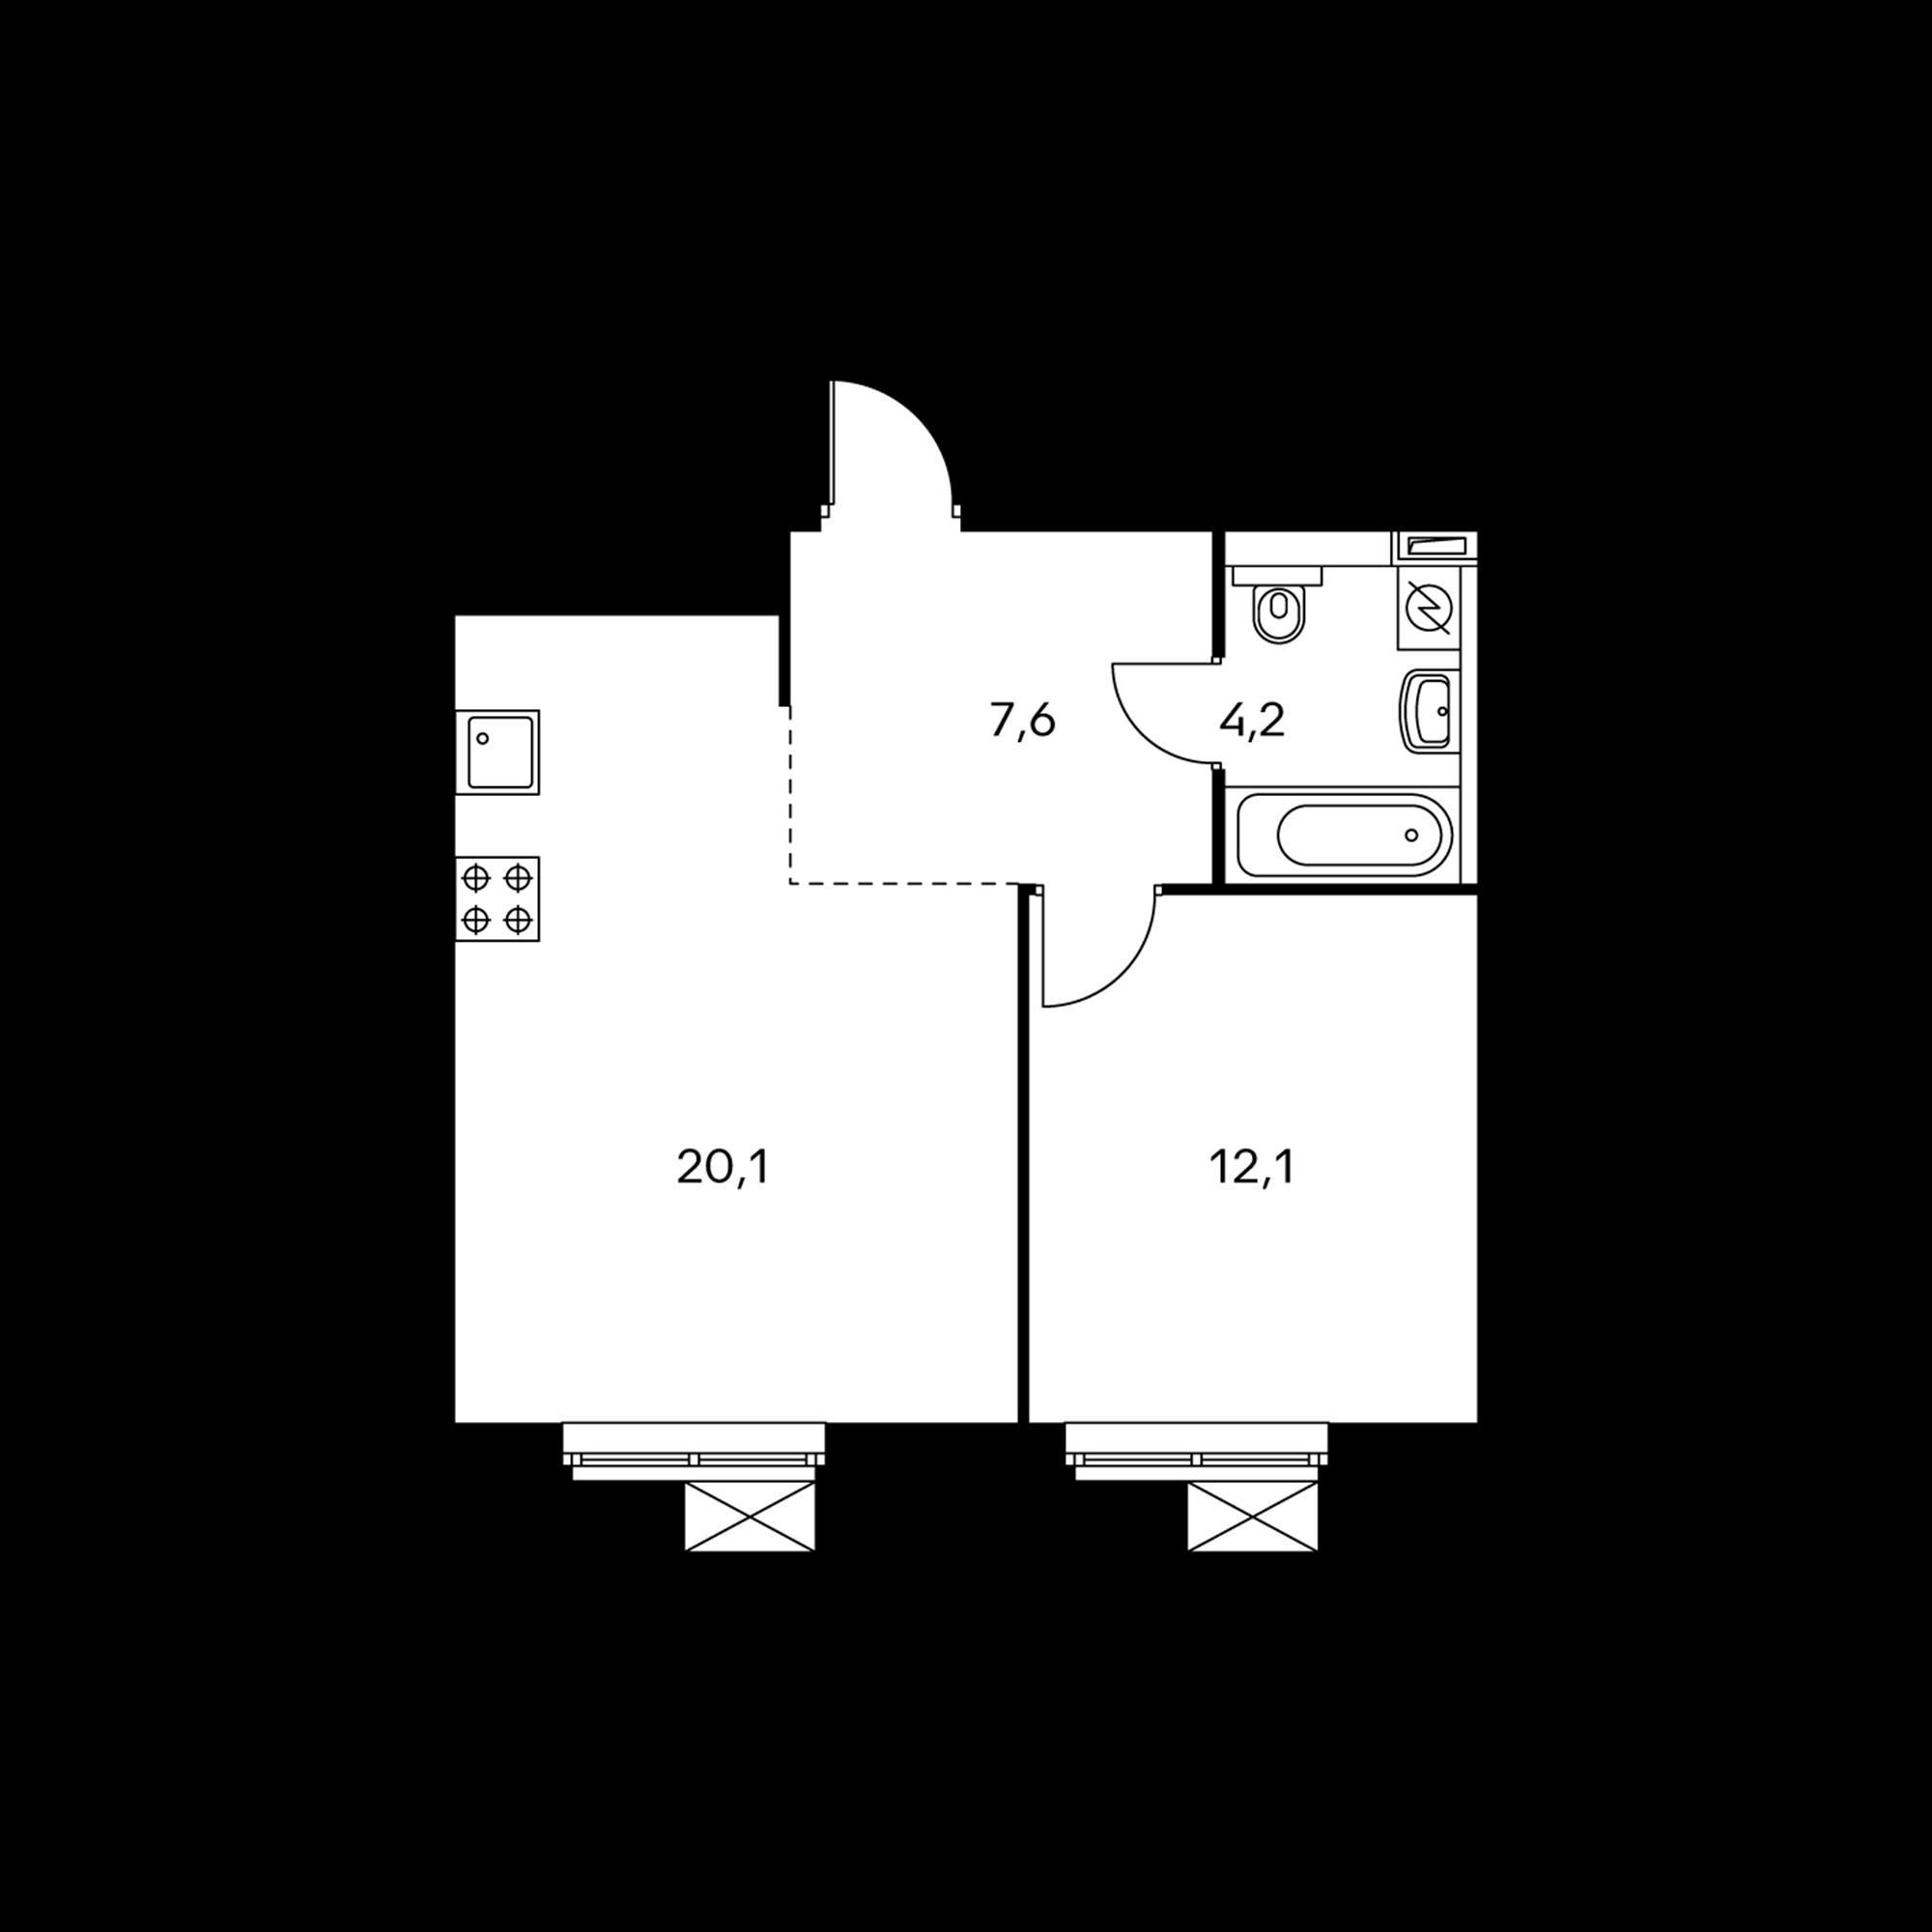 1EL4_7.5-1_S_Z